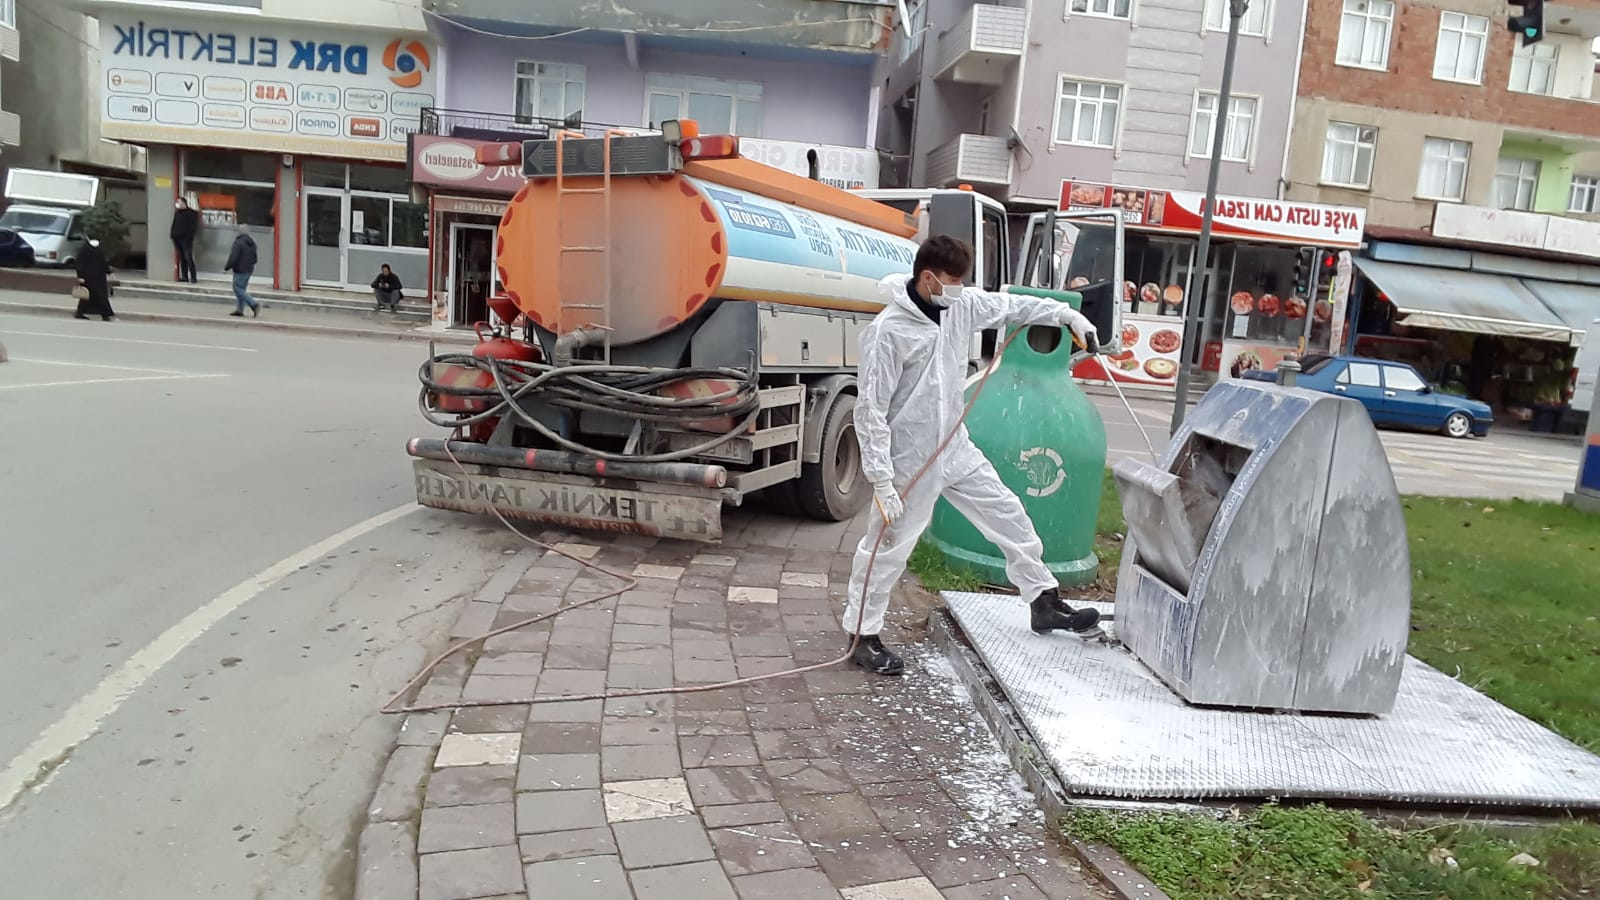 Gebze'de temizlik işleri teyakkuzda